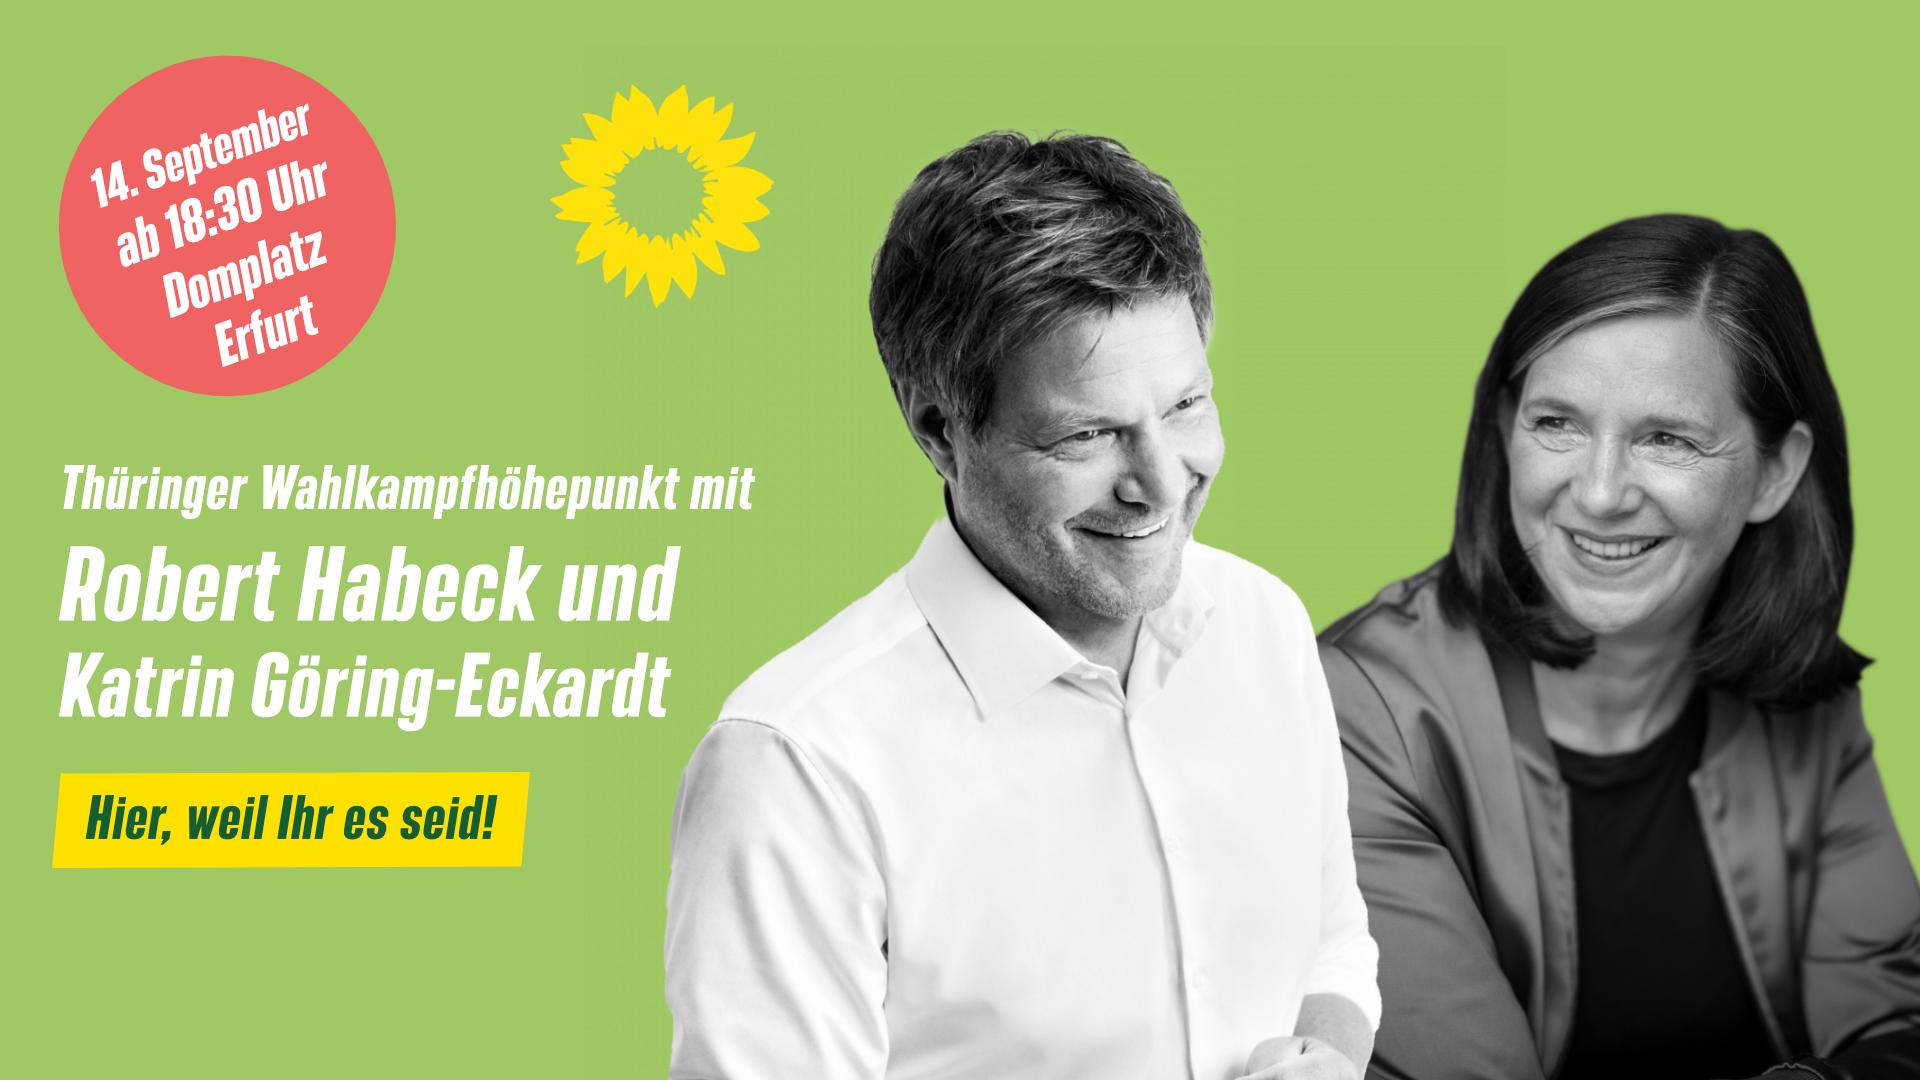 Wahlkampfhöhepunkt mit Katrin Göring-Eckardt und Robert Habeck auf dem Erfurter Domplatz